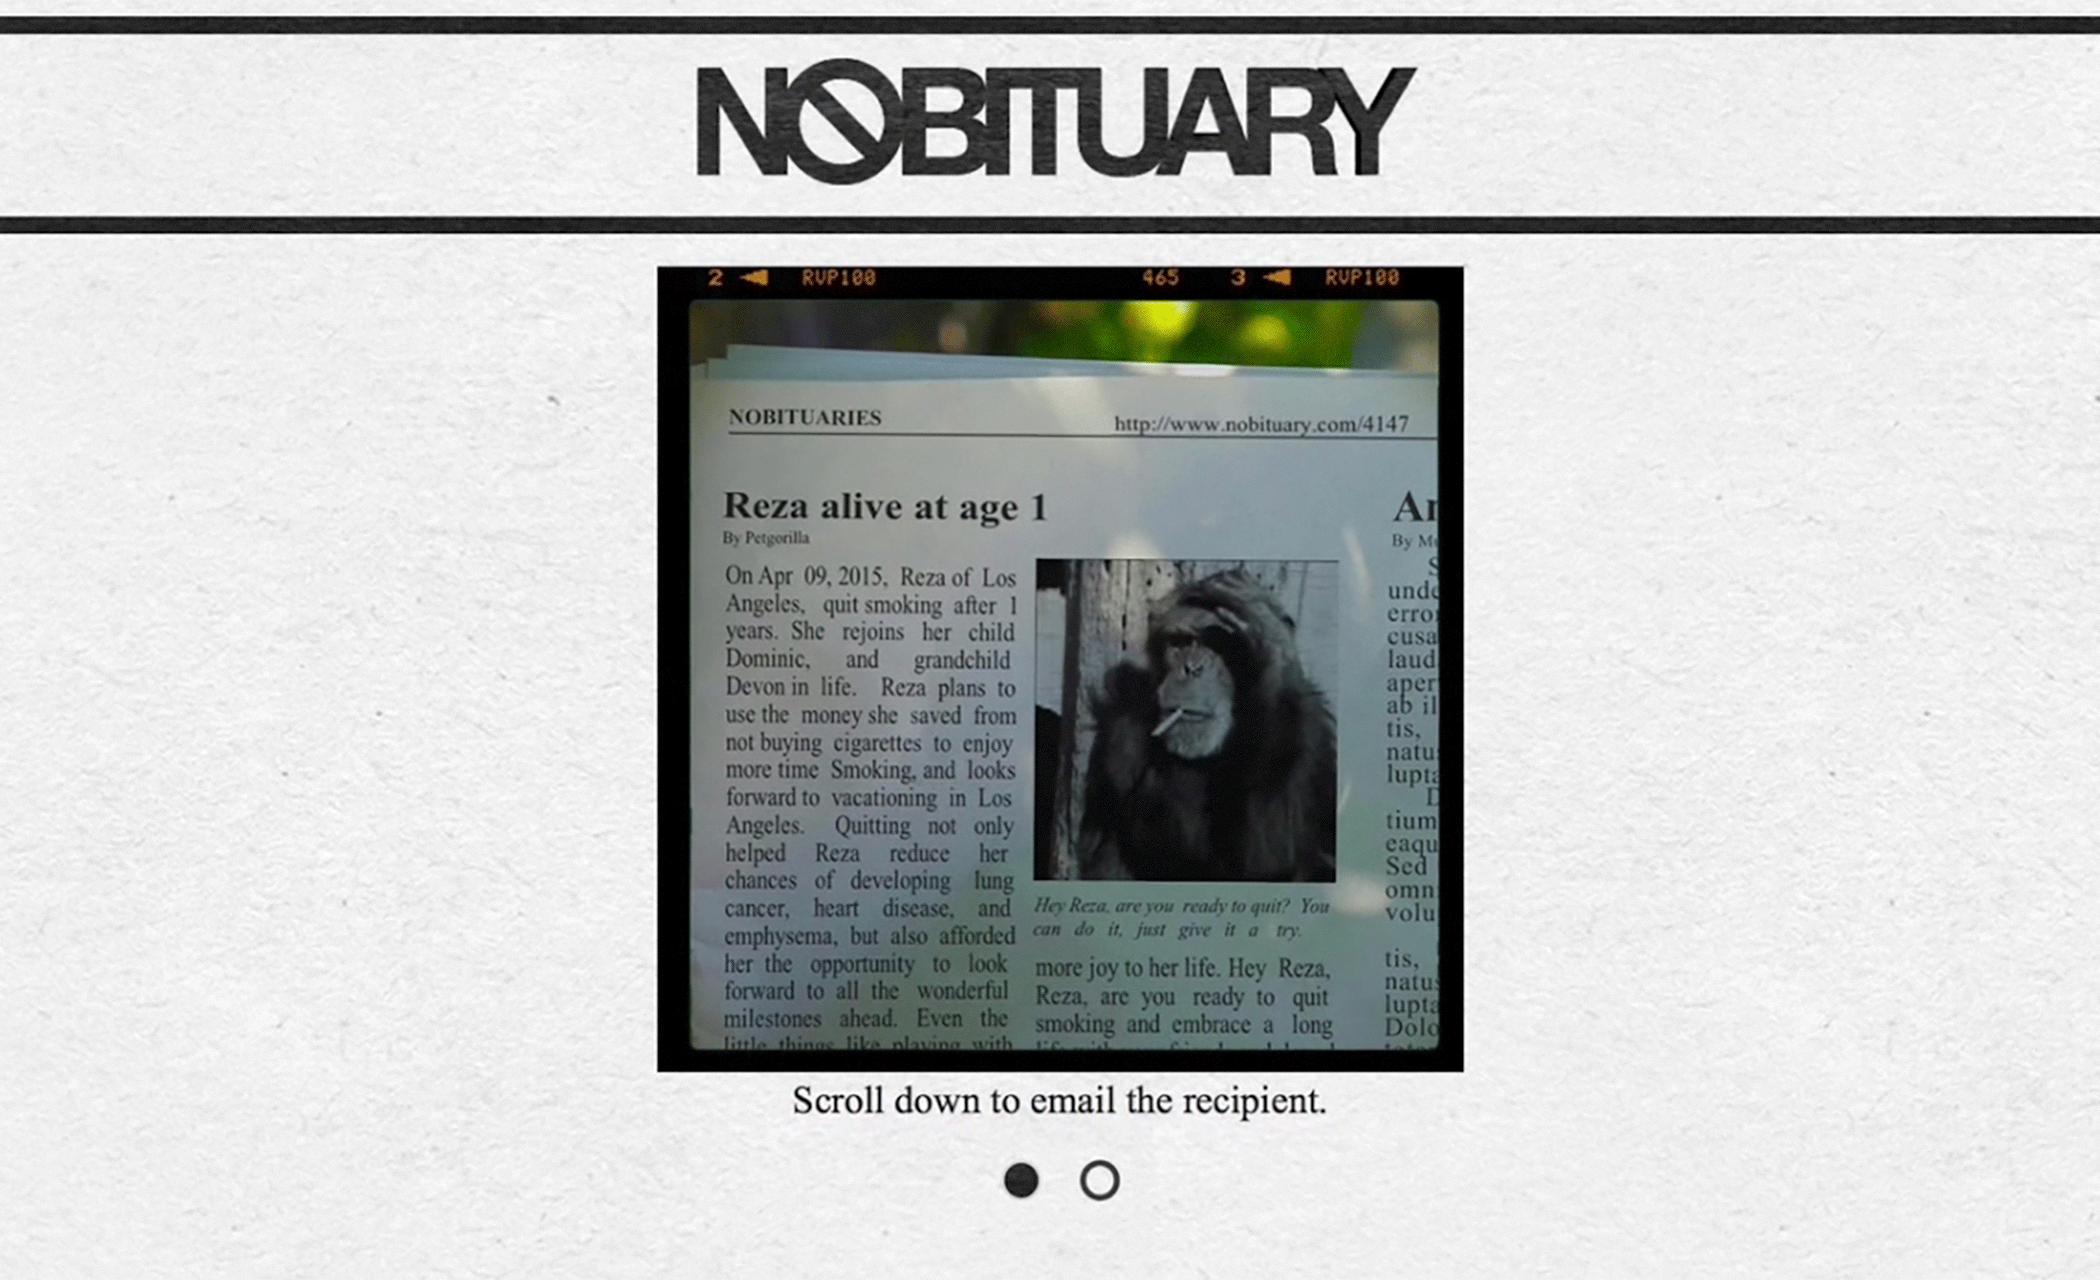 Nobituary – Anti-Smoking Campaign